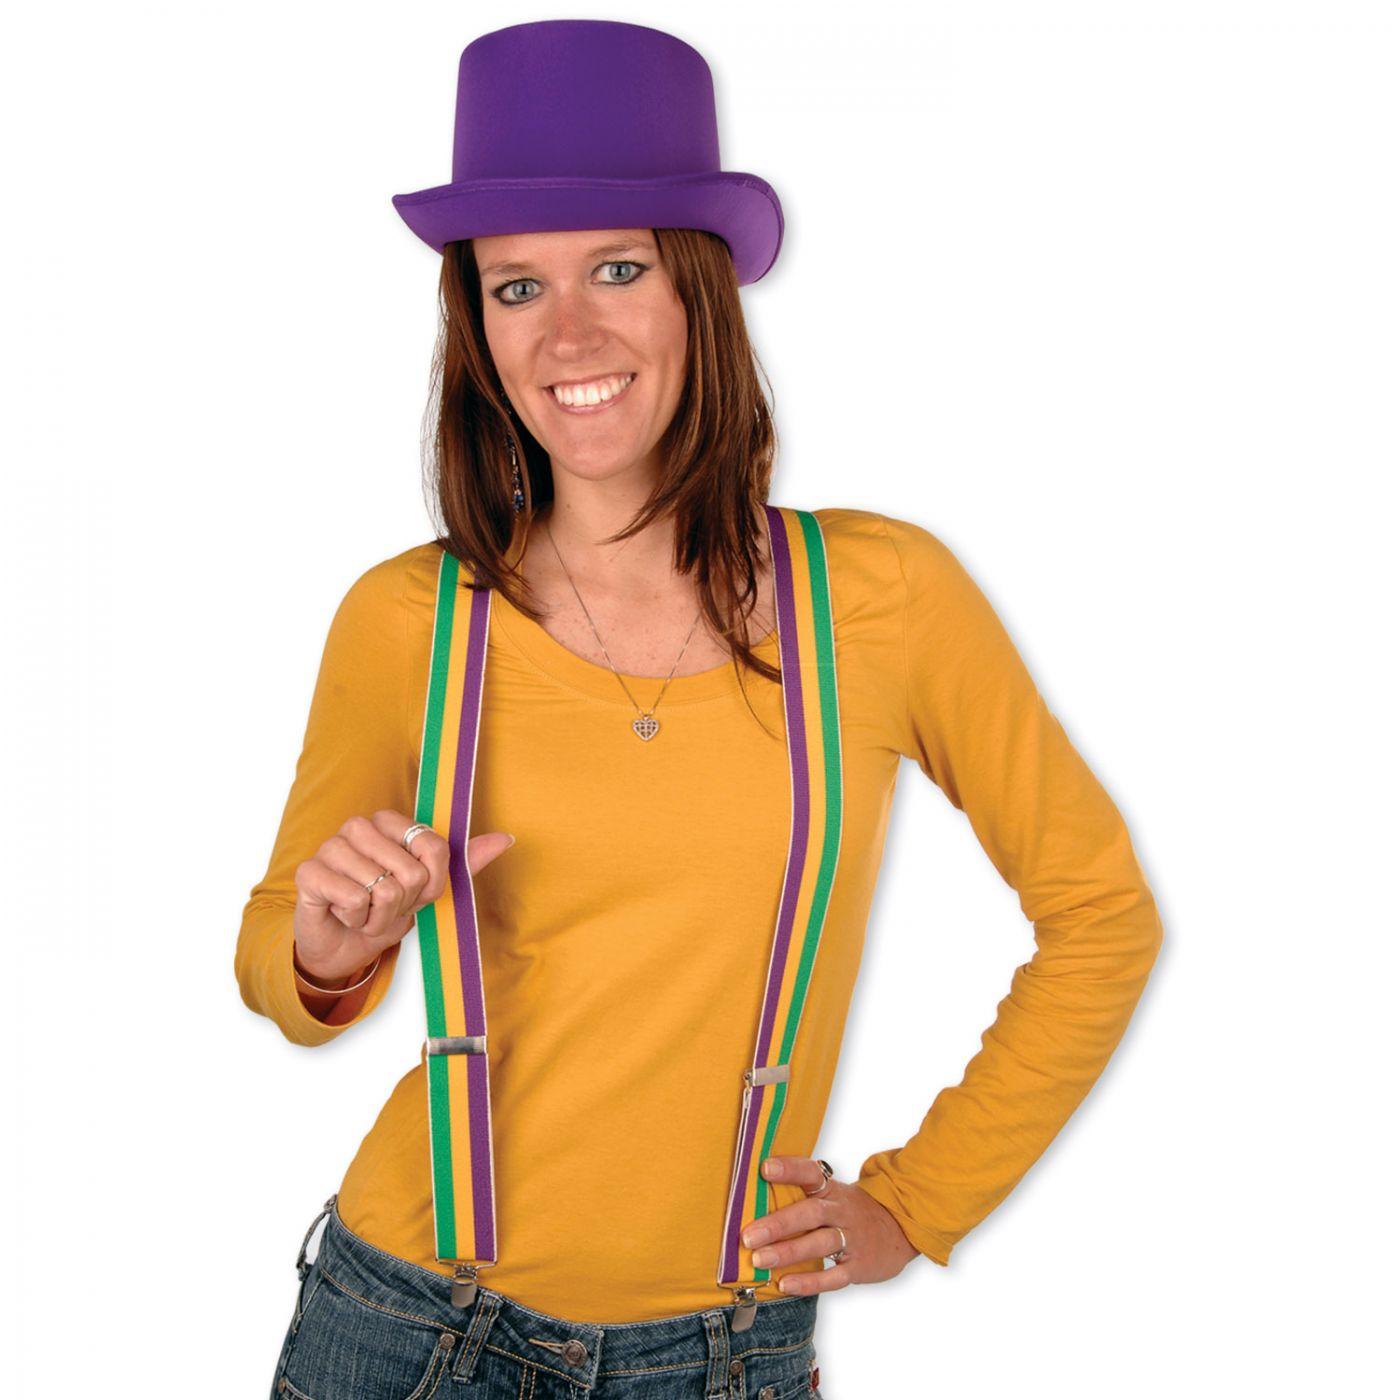 Mardi Gras Suspenders image